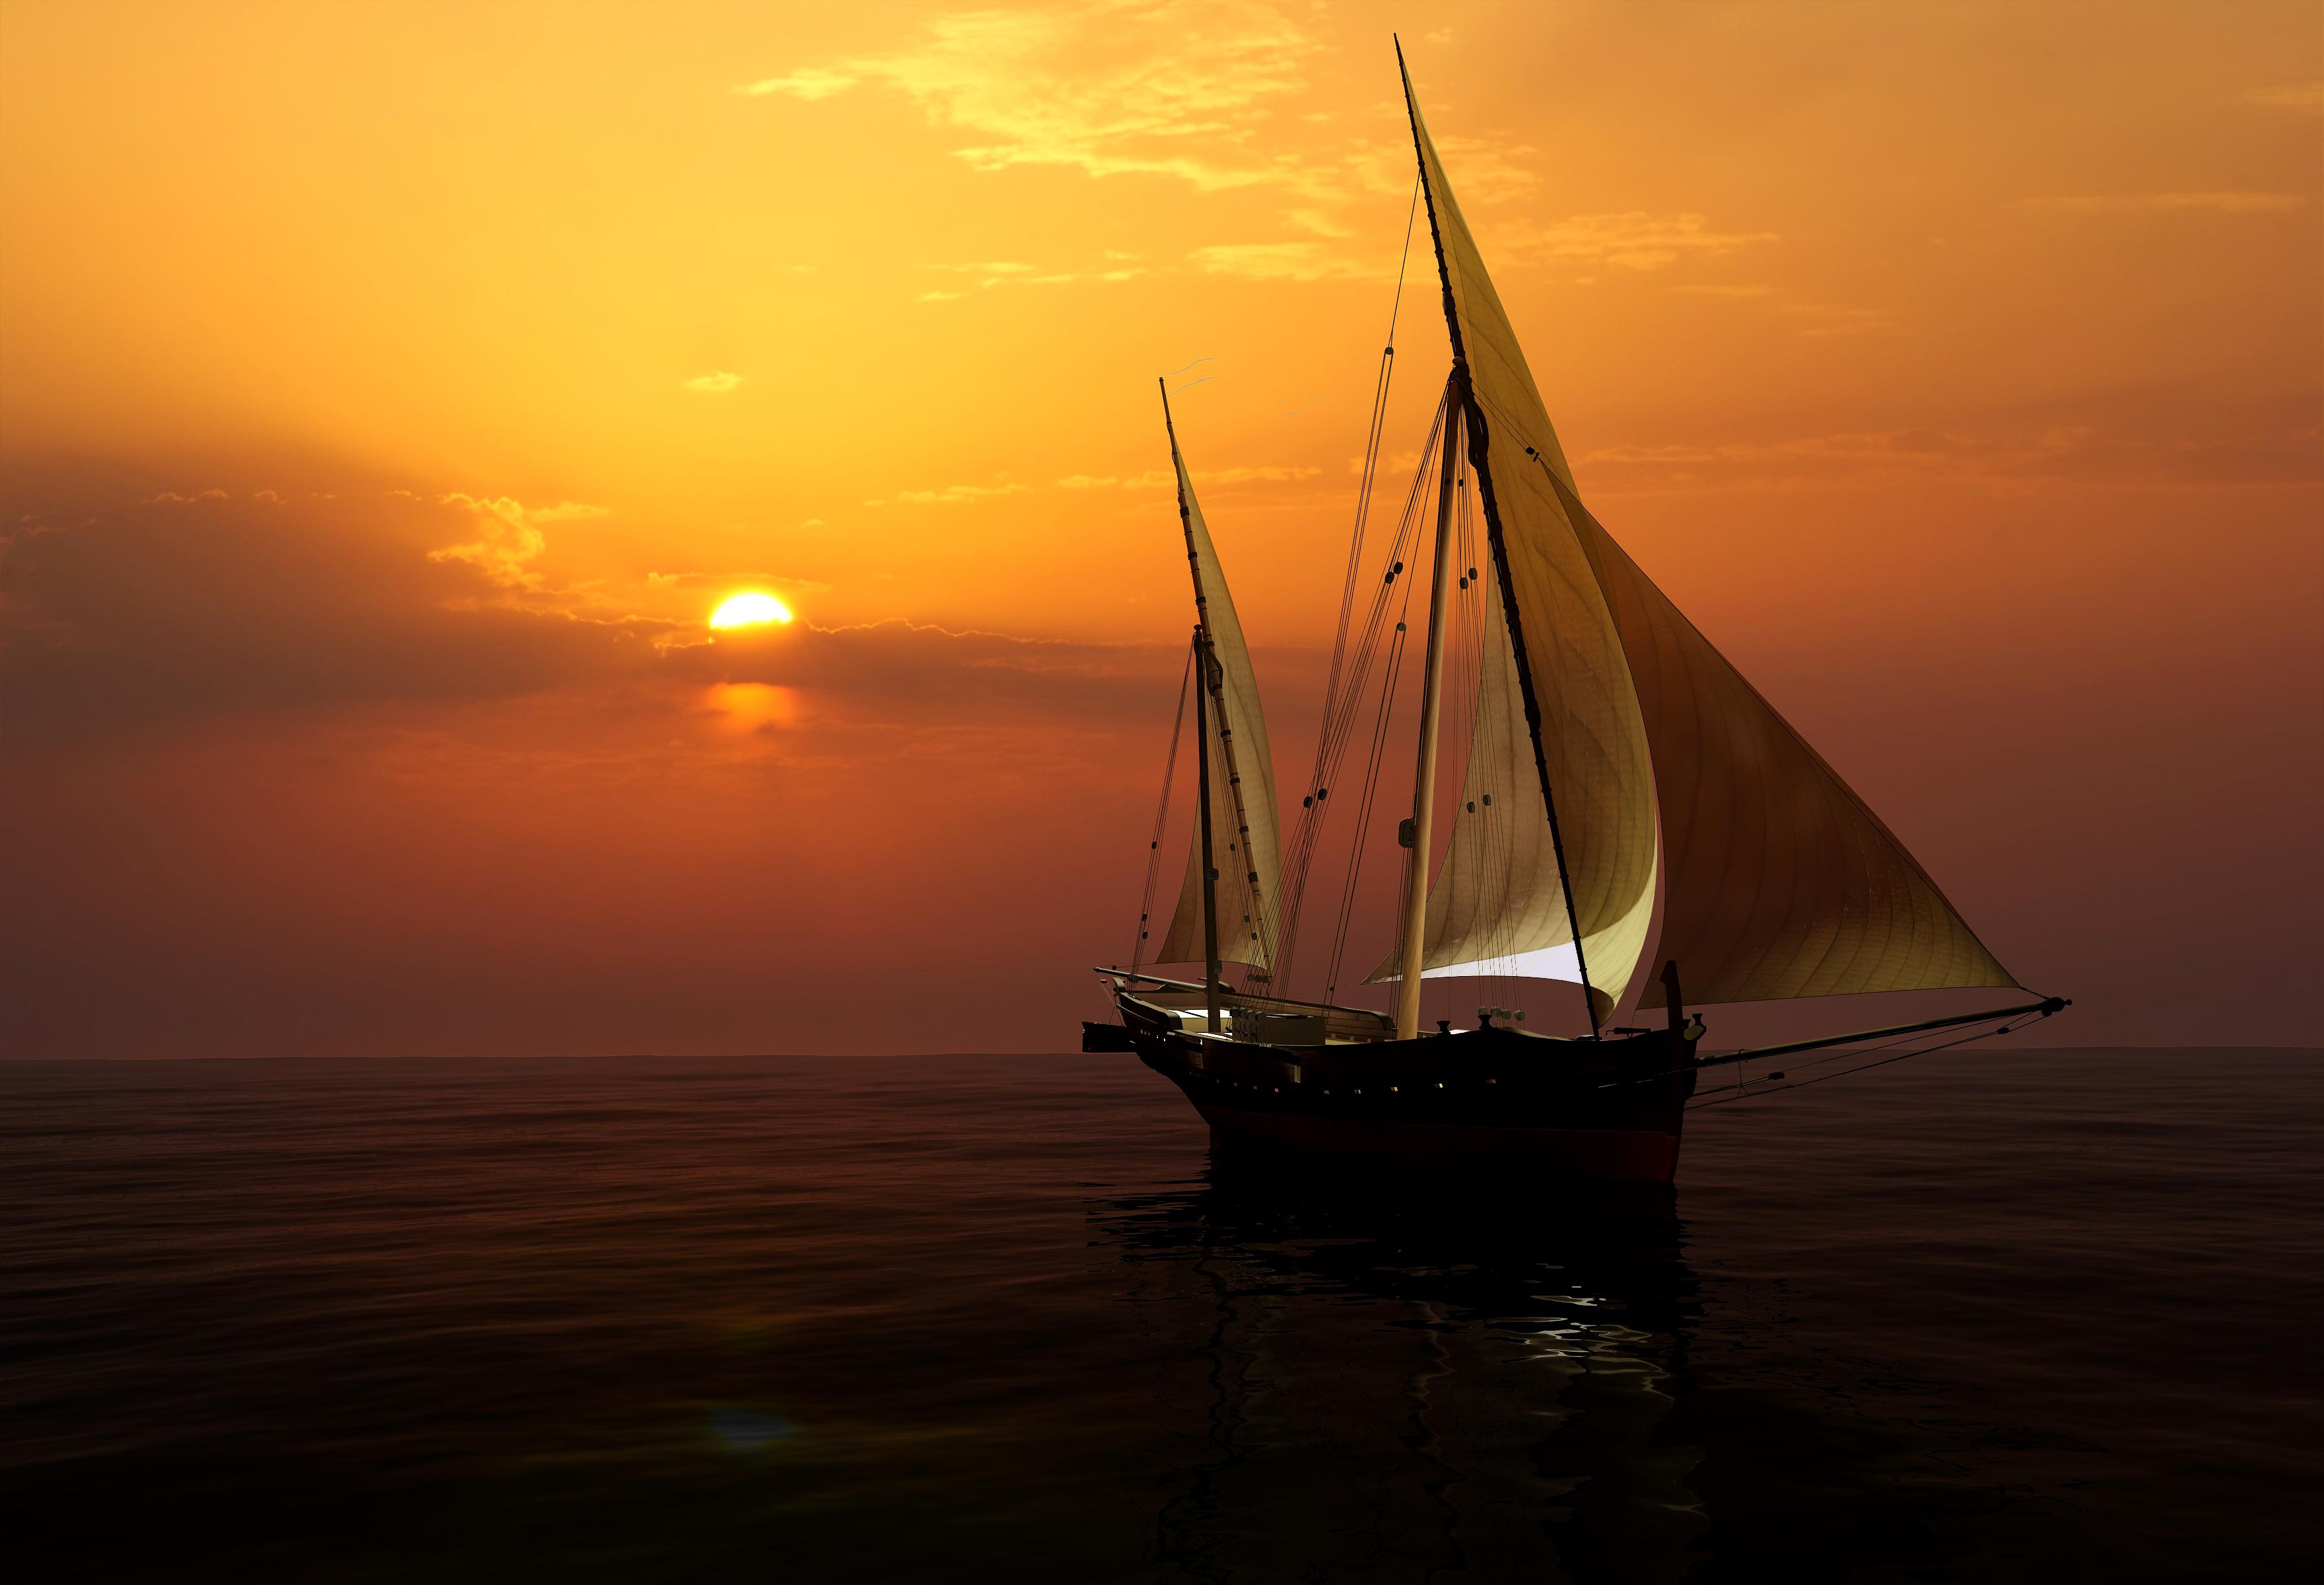 море солнце закат яхта без смс